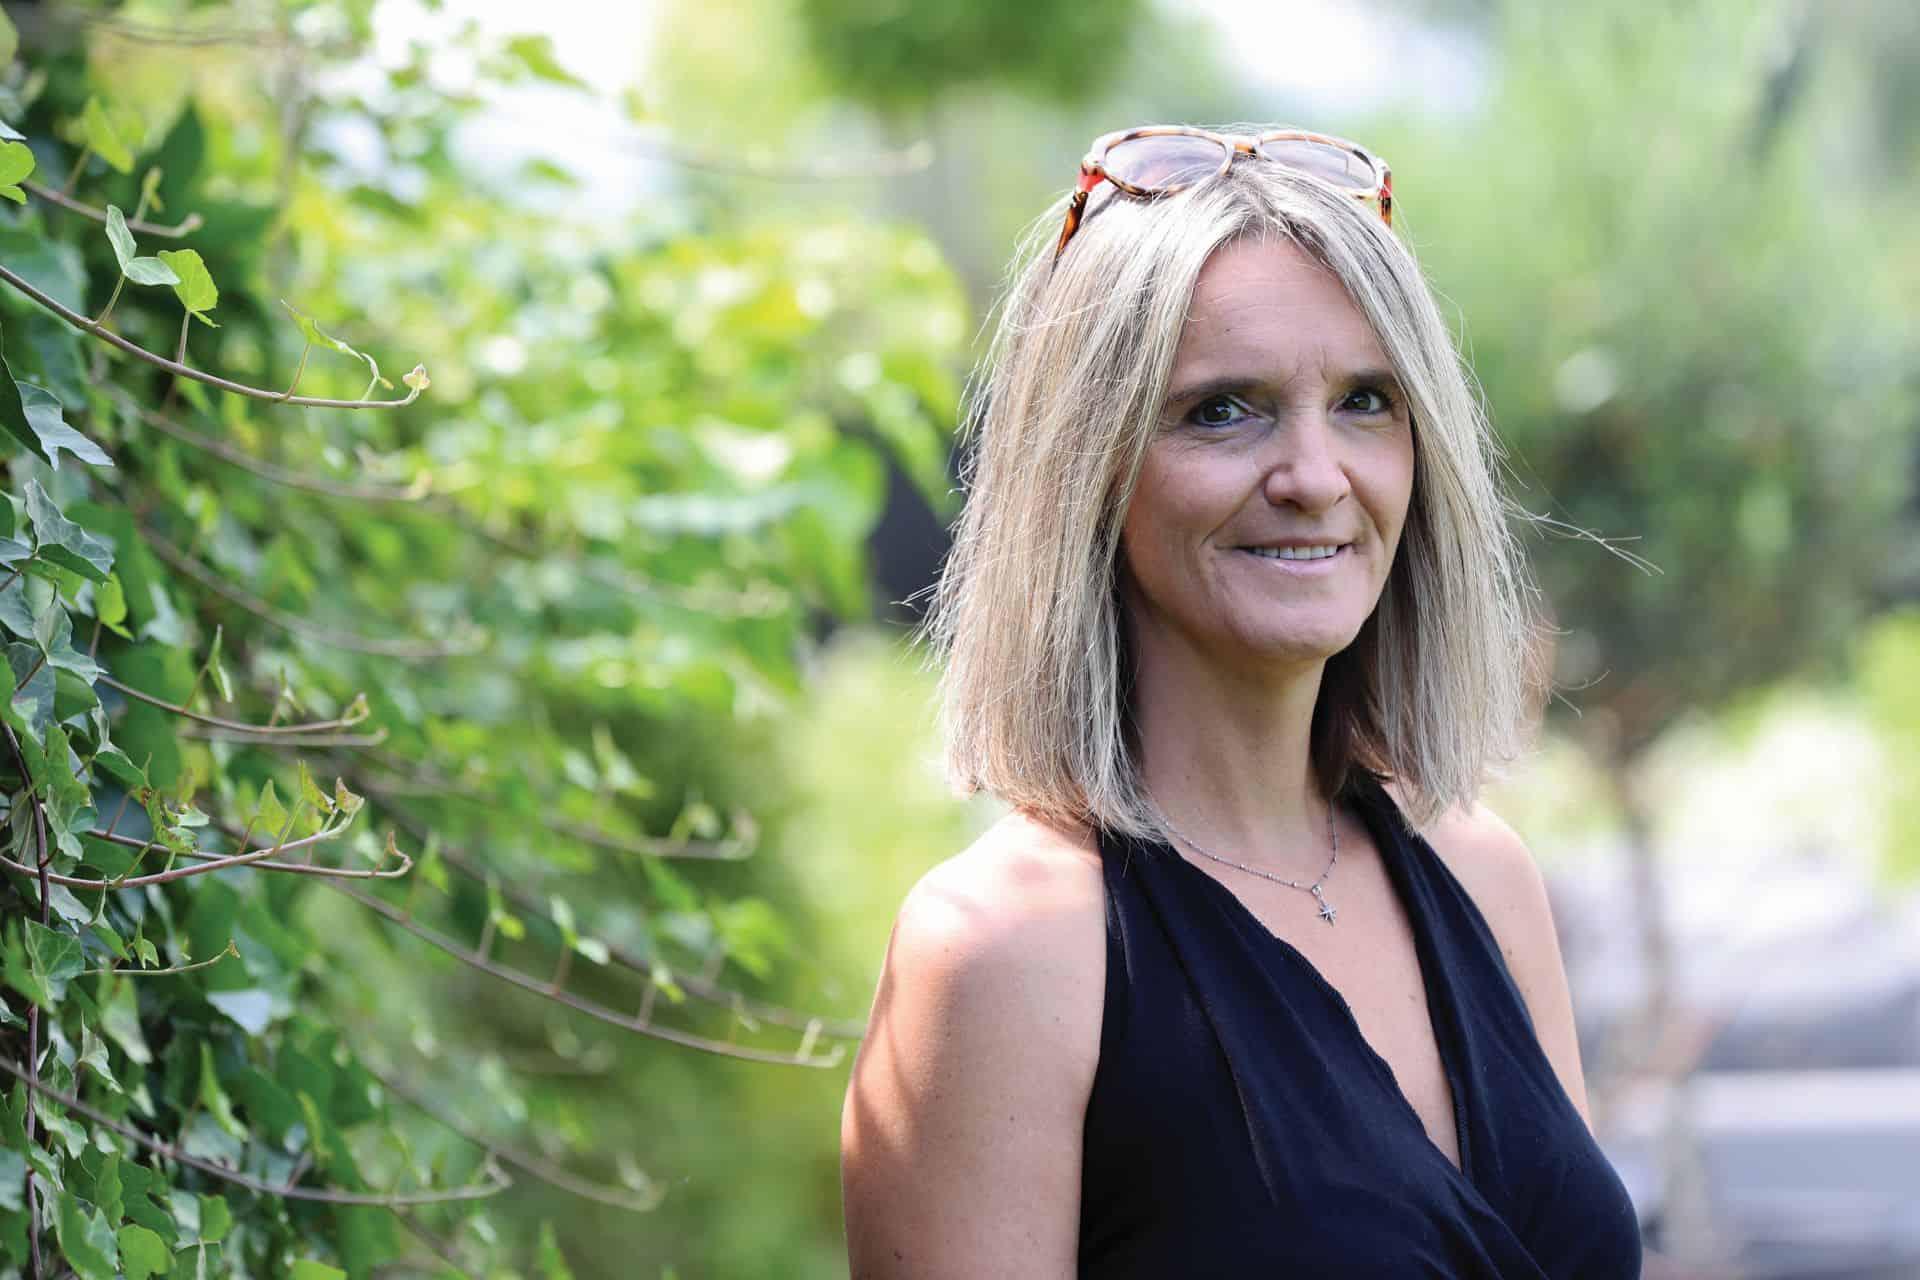 Lifecoach Sabine Begas over onze prestatiedrang in onze vrije tijd: 'Af en toe foert zeggen is belangrijk'